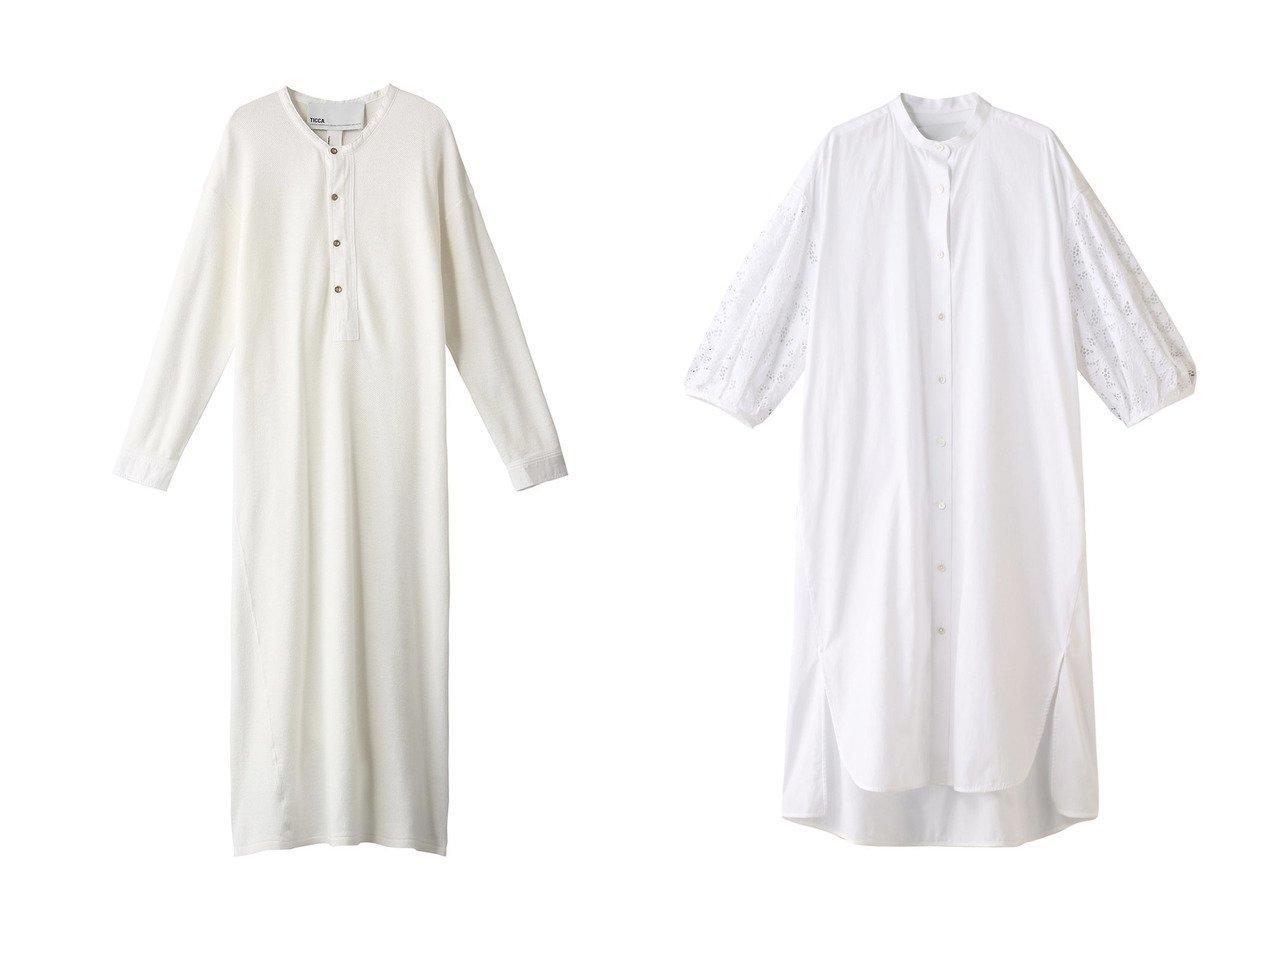 【TICCA/ティッカ】のヘンリーネックワンピース&スレーススタンドネックワンピース ワンピース・ドレスのおすすめ!人気、トレンド・レディースファッションの通販 おすすめで人気の流行・トレンド、ファッションの通販商品 メンズファッション・キッズファッション・インテリア・家具・レディースファッション・服の通販 founy(ファニー) https://founy.com/ ファッション Fashion レディースファッション WOMEN ワンピース Dress 2021年 2021 2021 春夏 S/S SS Spring/Summer 2021 S/S 春夏 SS Spring/Summer シンプル ストレート フロント マキシ ロング 春 Spring |ID:crp329100000015043